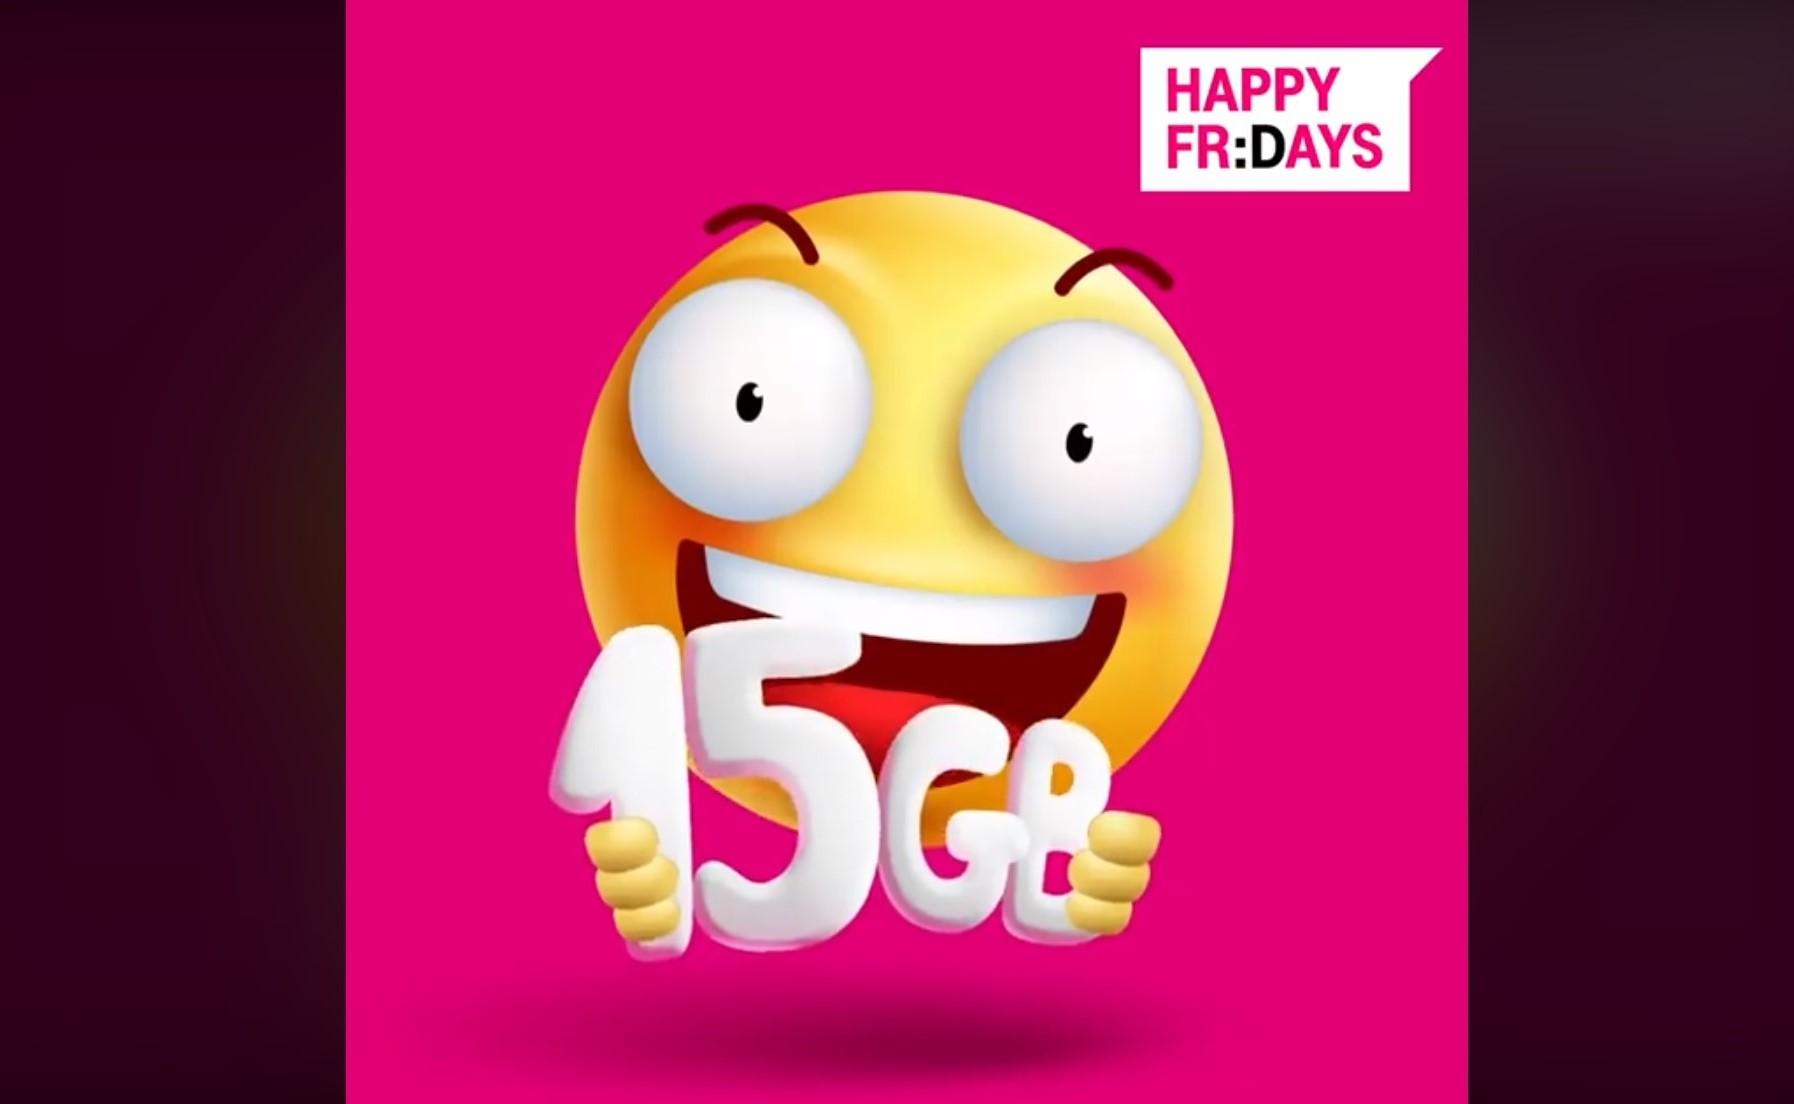 Odbierz 15 GB darmowego internetu od T-Mobile - tylko dziś i jutro! 21